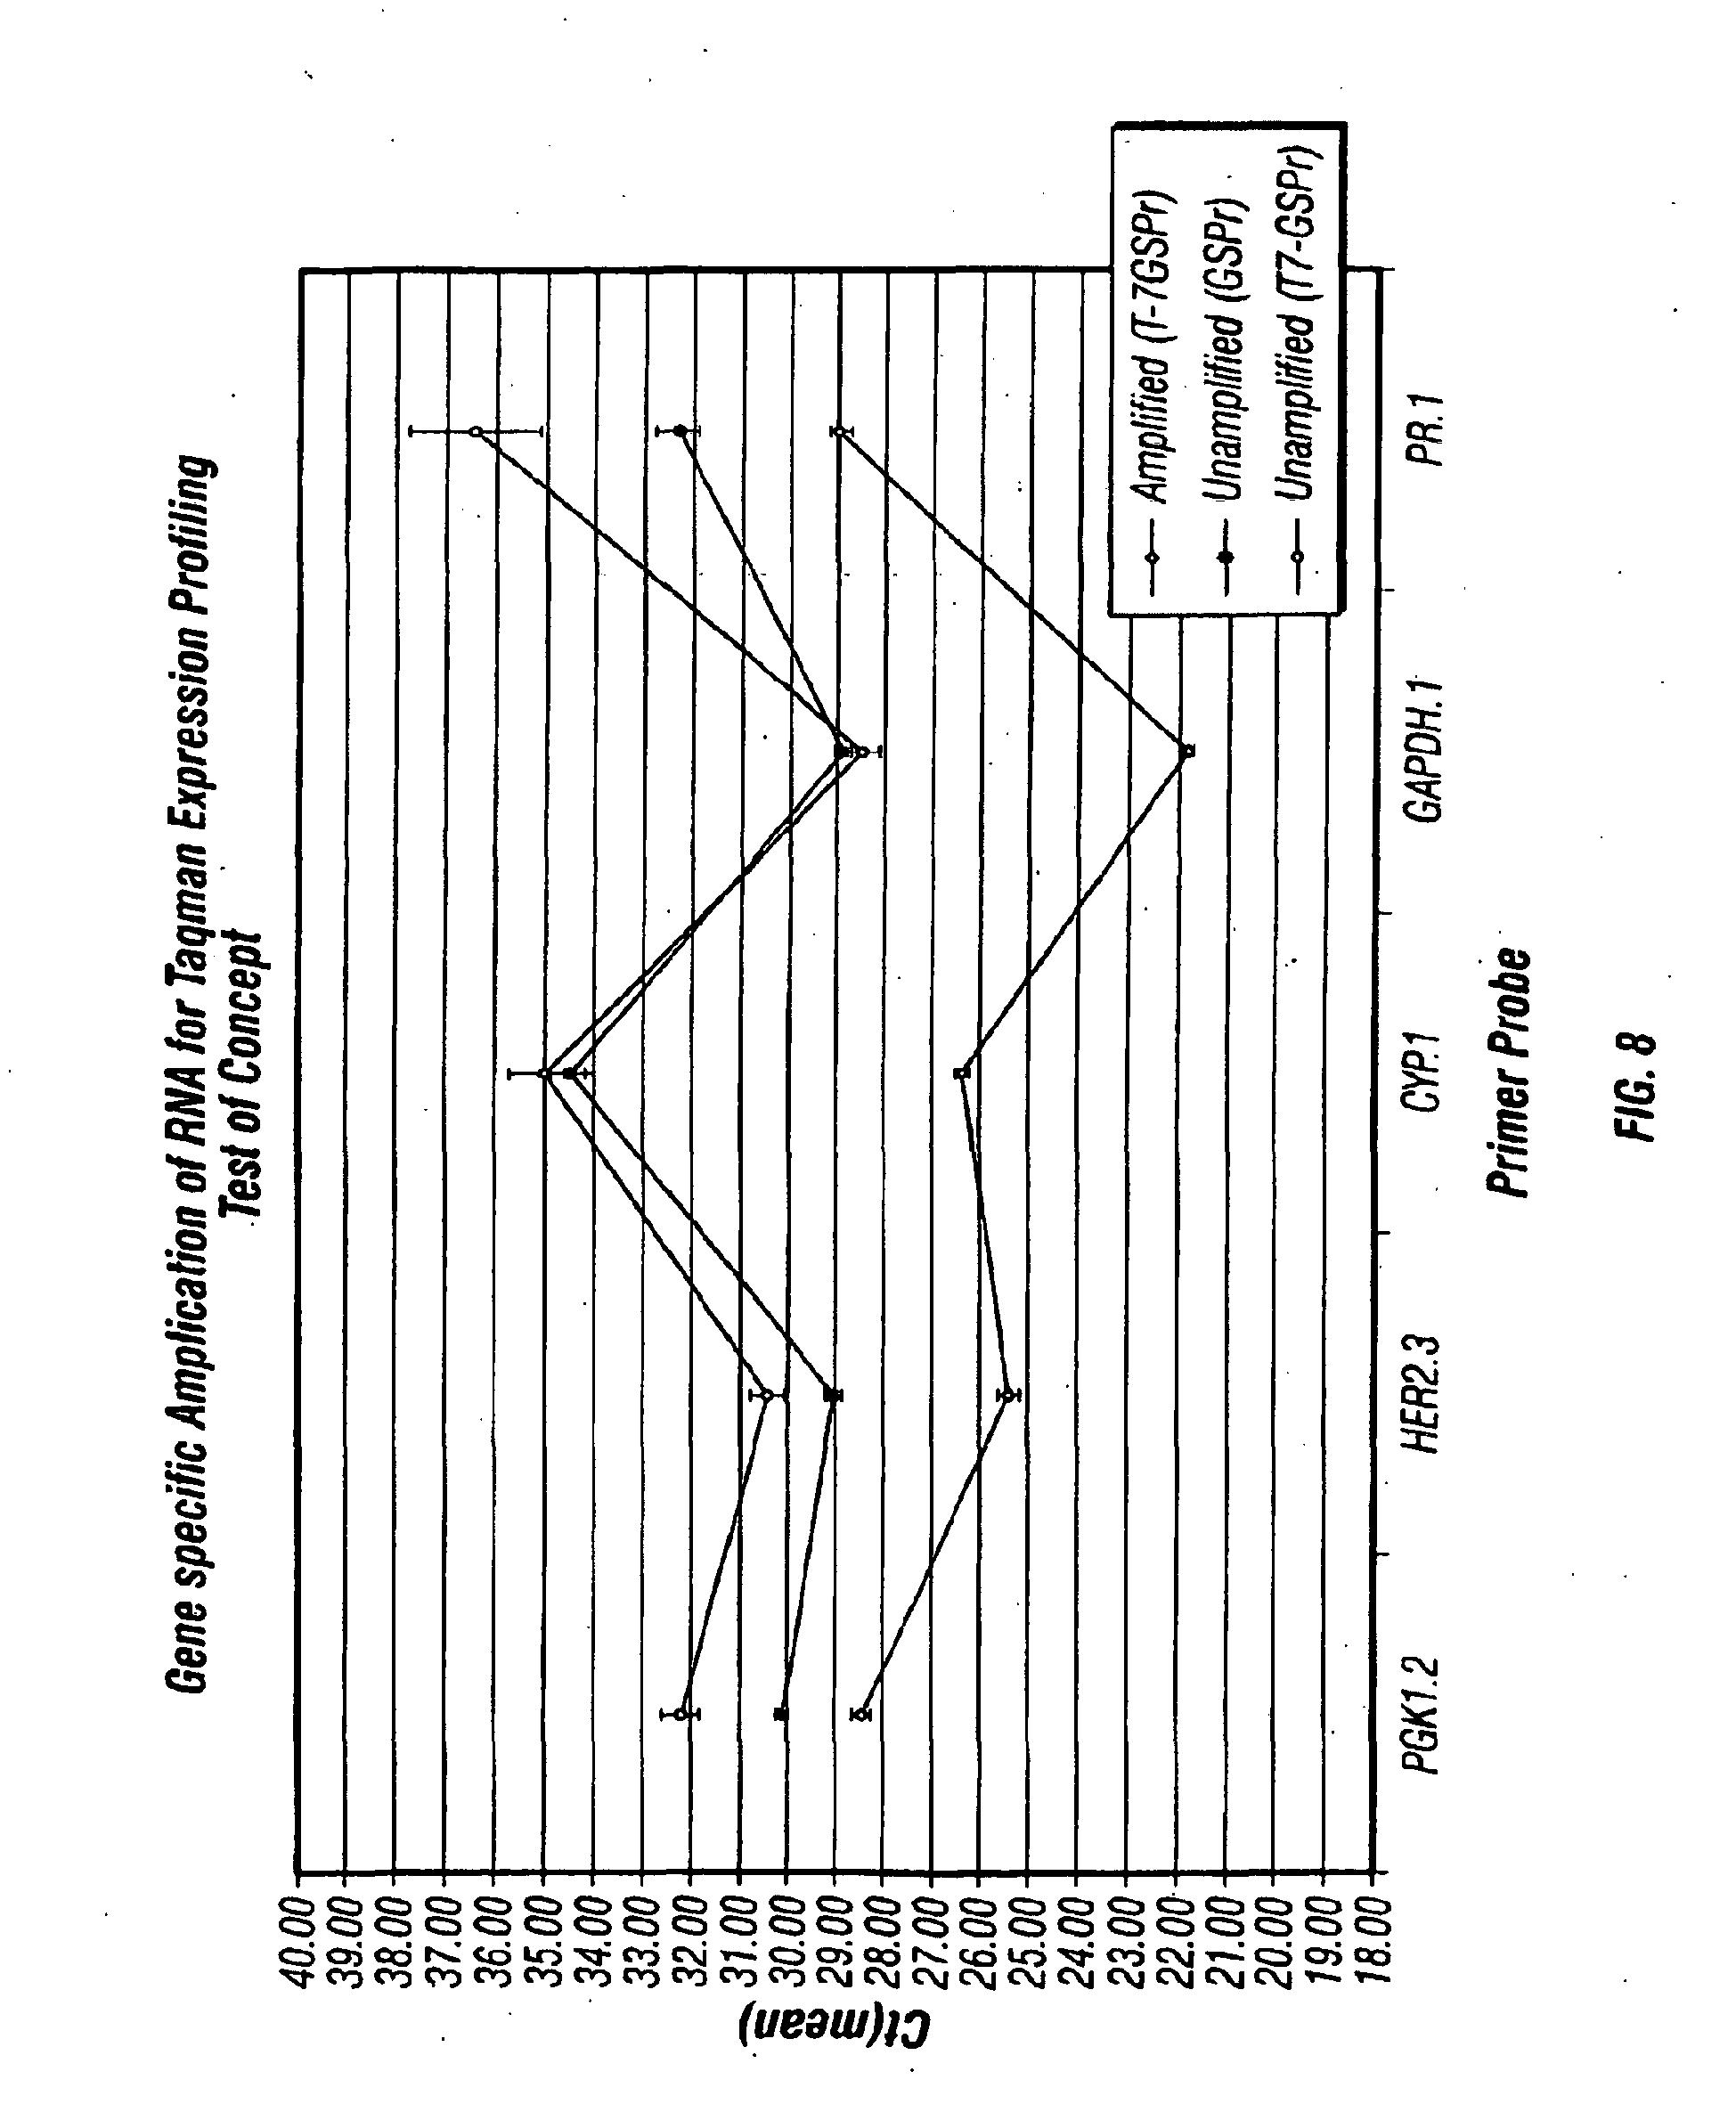 patent ep2261369b1 genexpressionsprofilierung in einer biopsie unterzogenem tumorgewebe. Black Bedroom Furniture Sets. Home Design Ideas